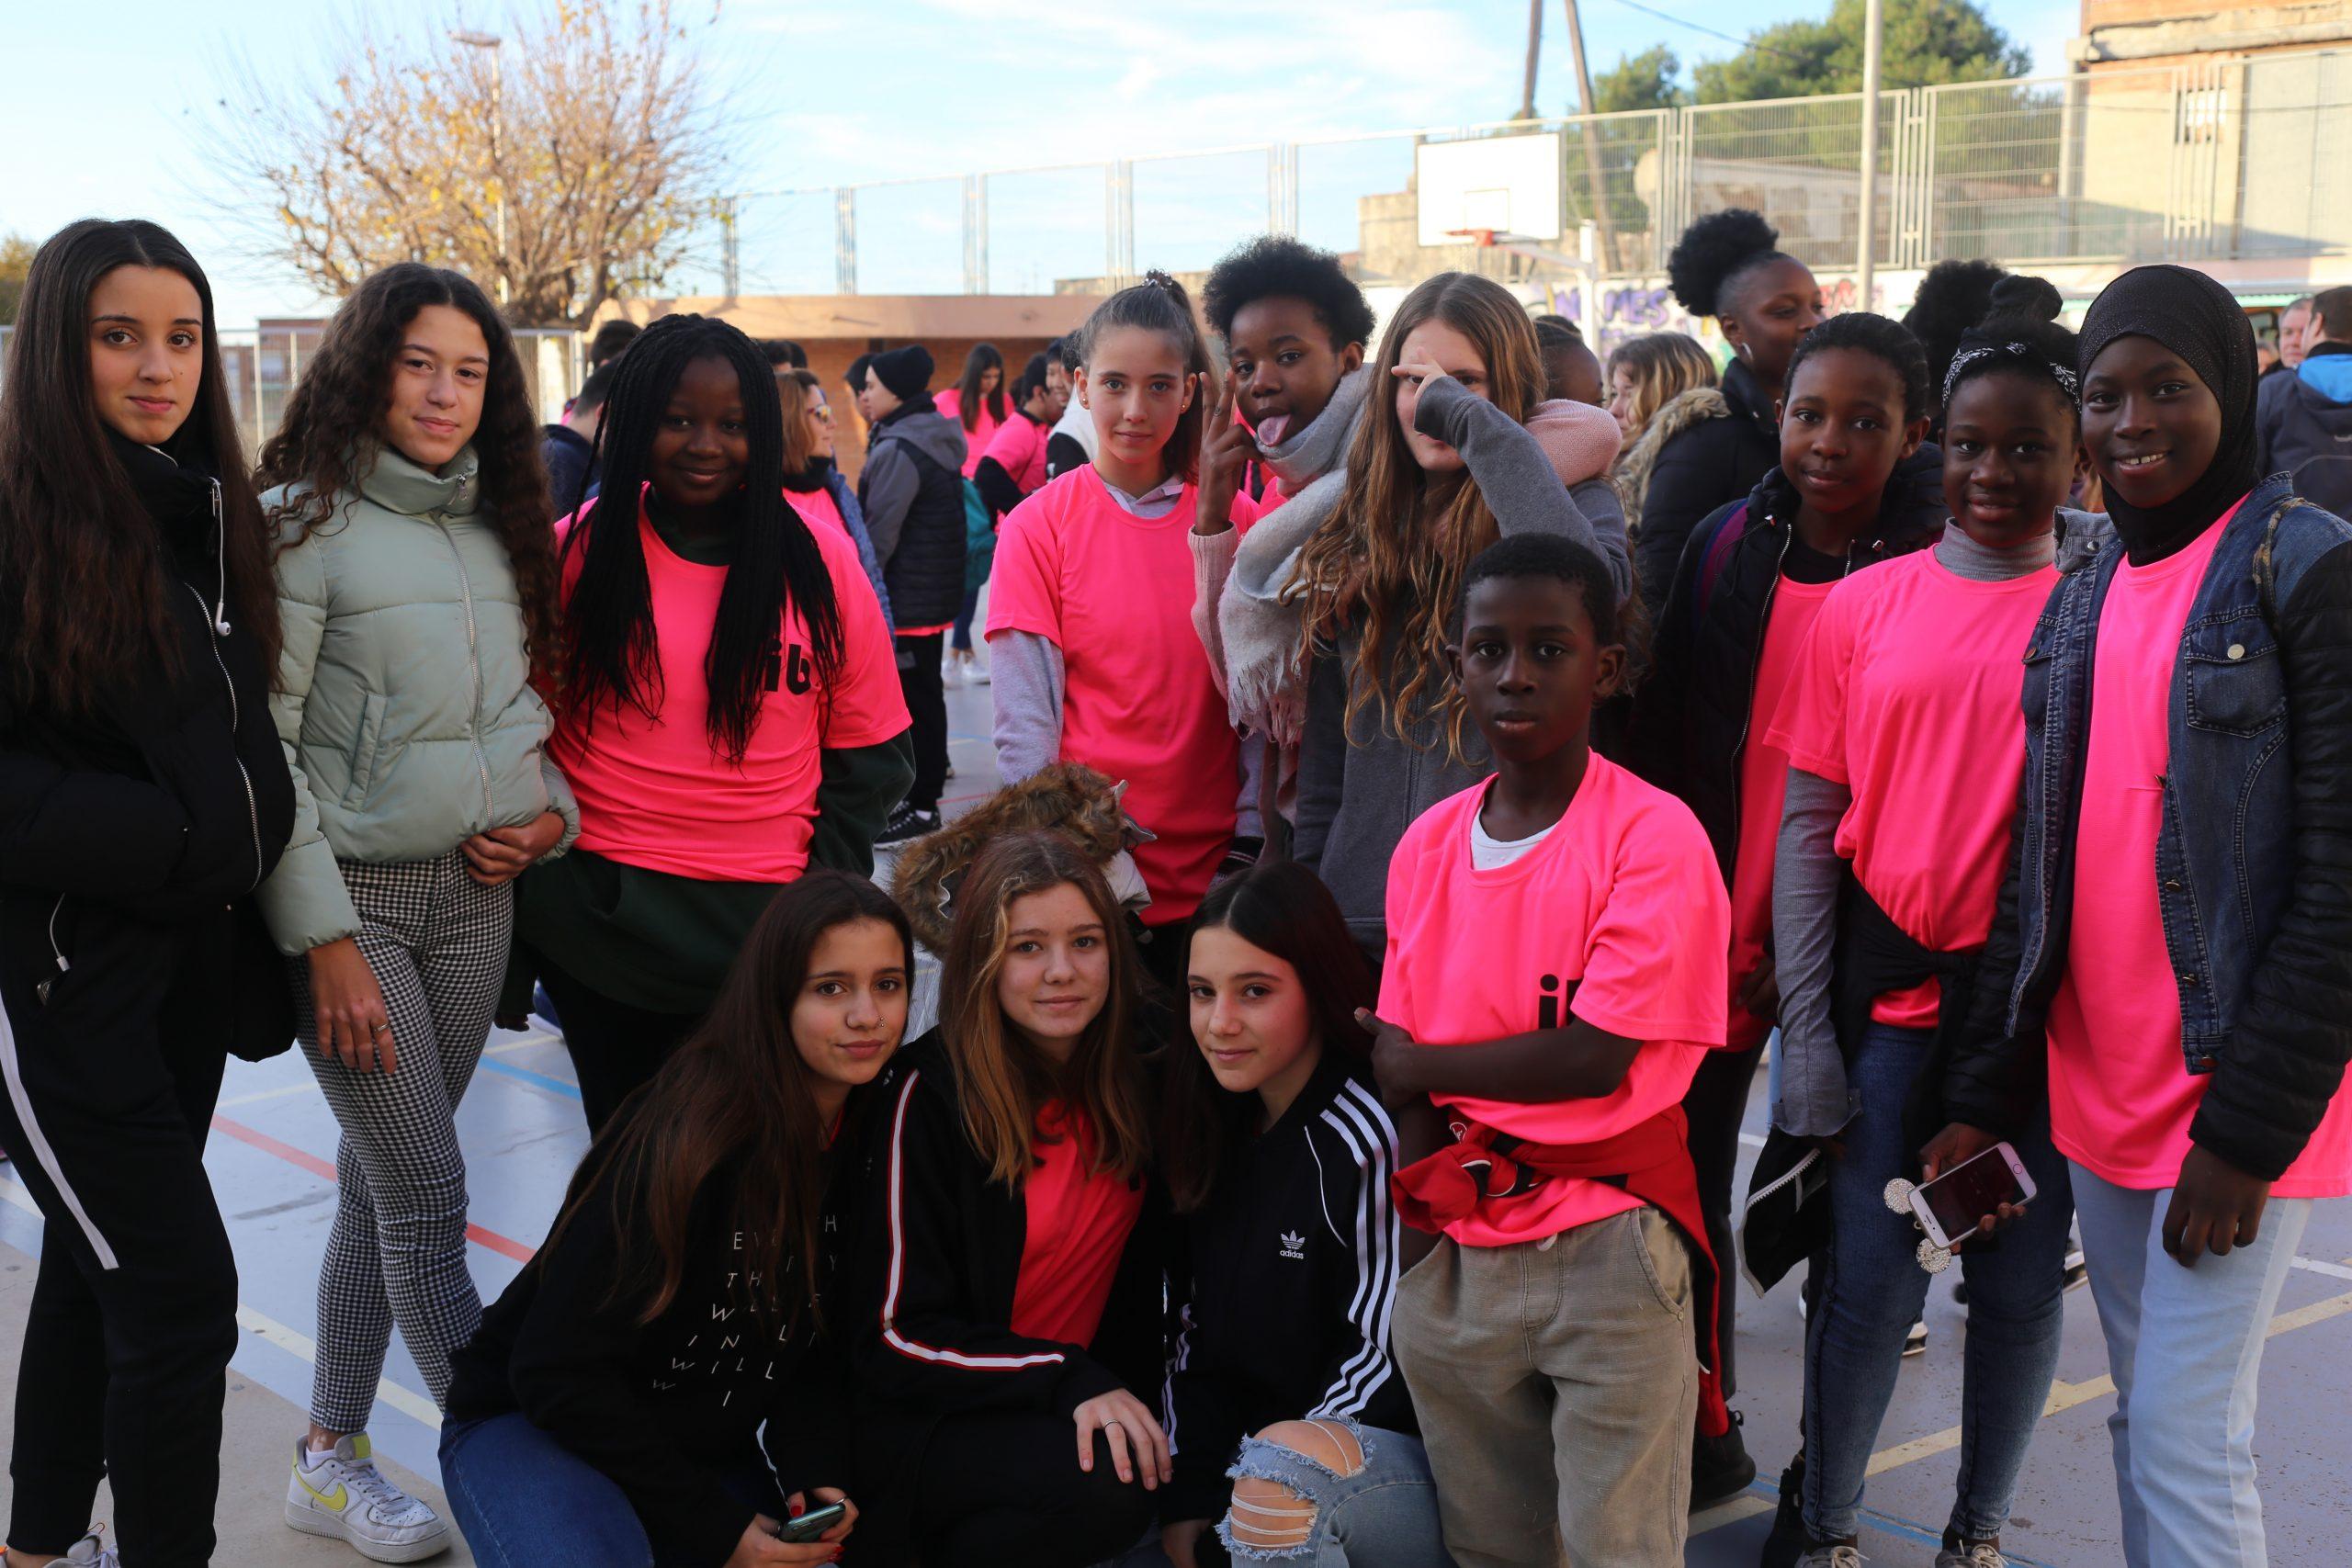 Molts alumnes van participar